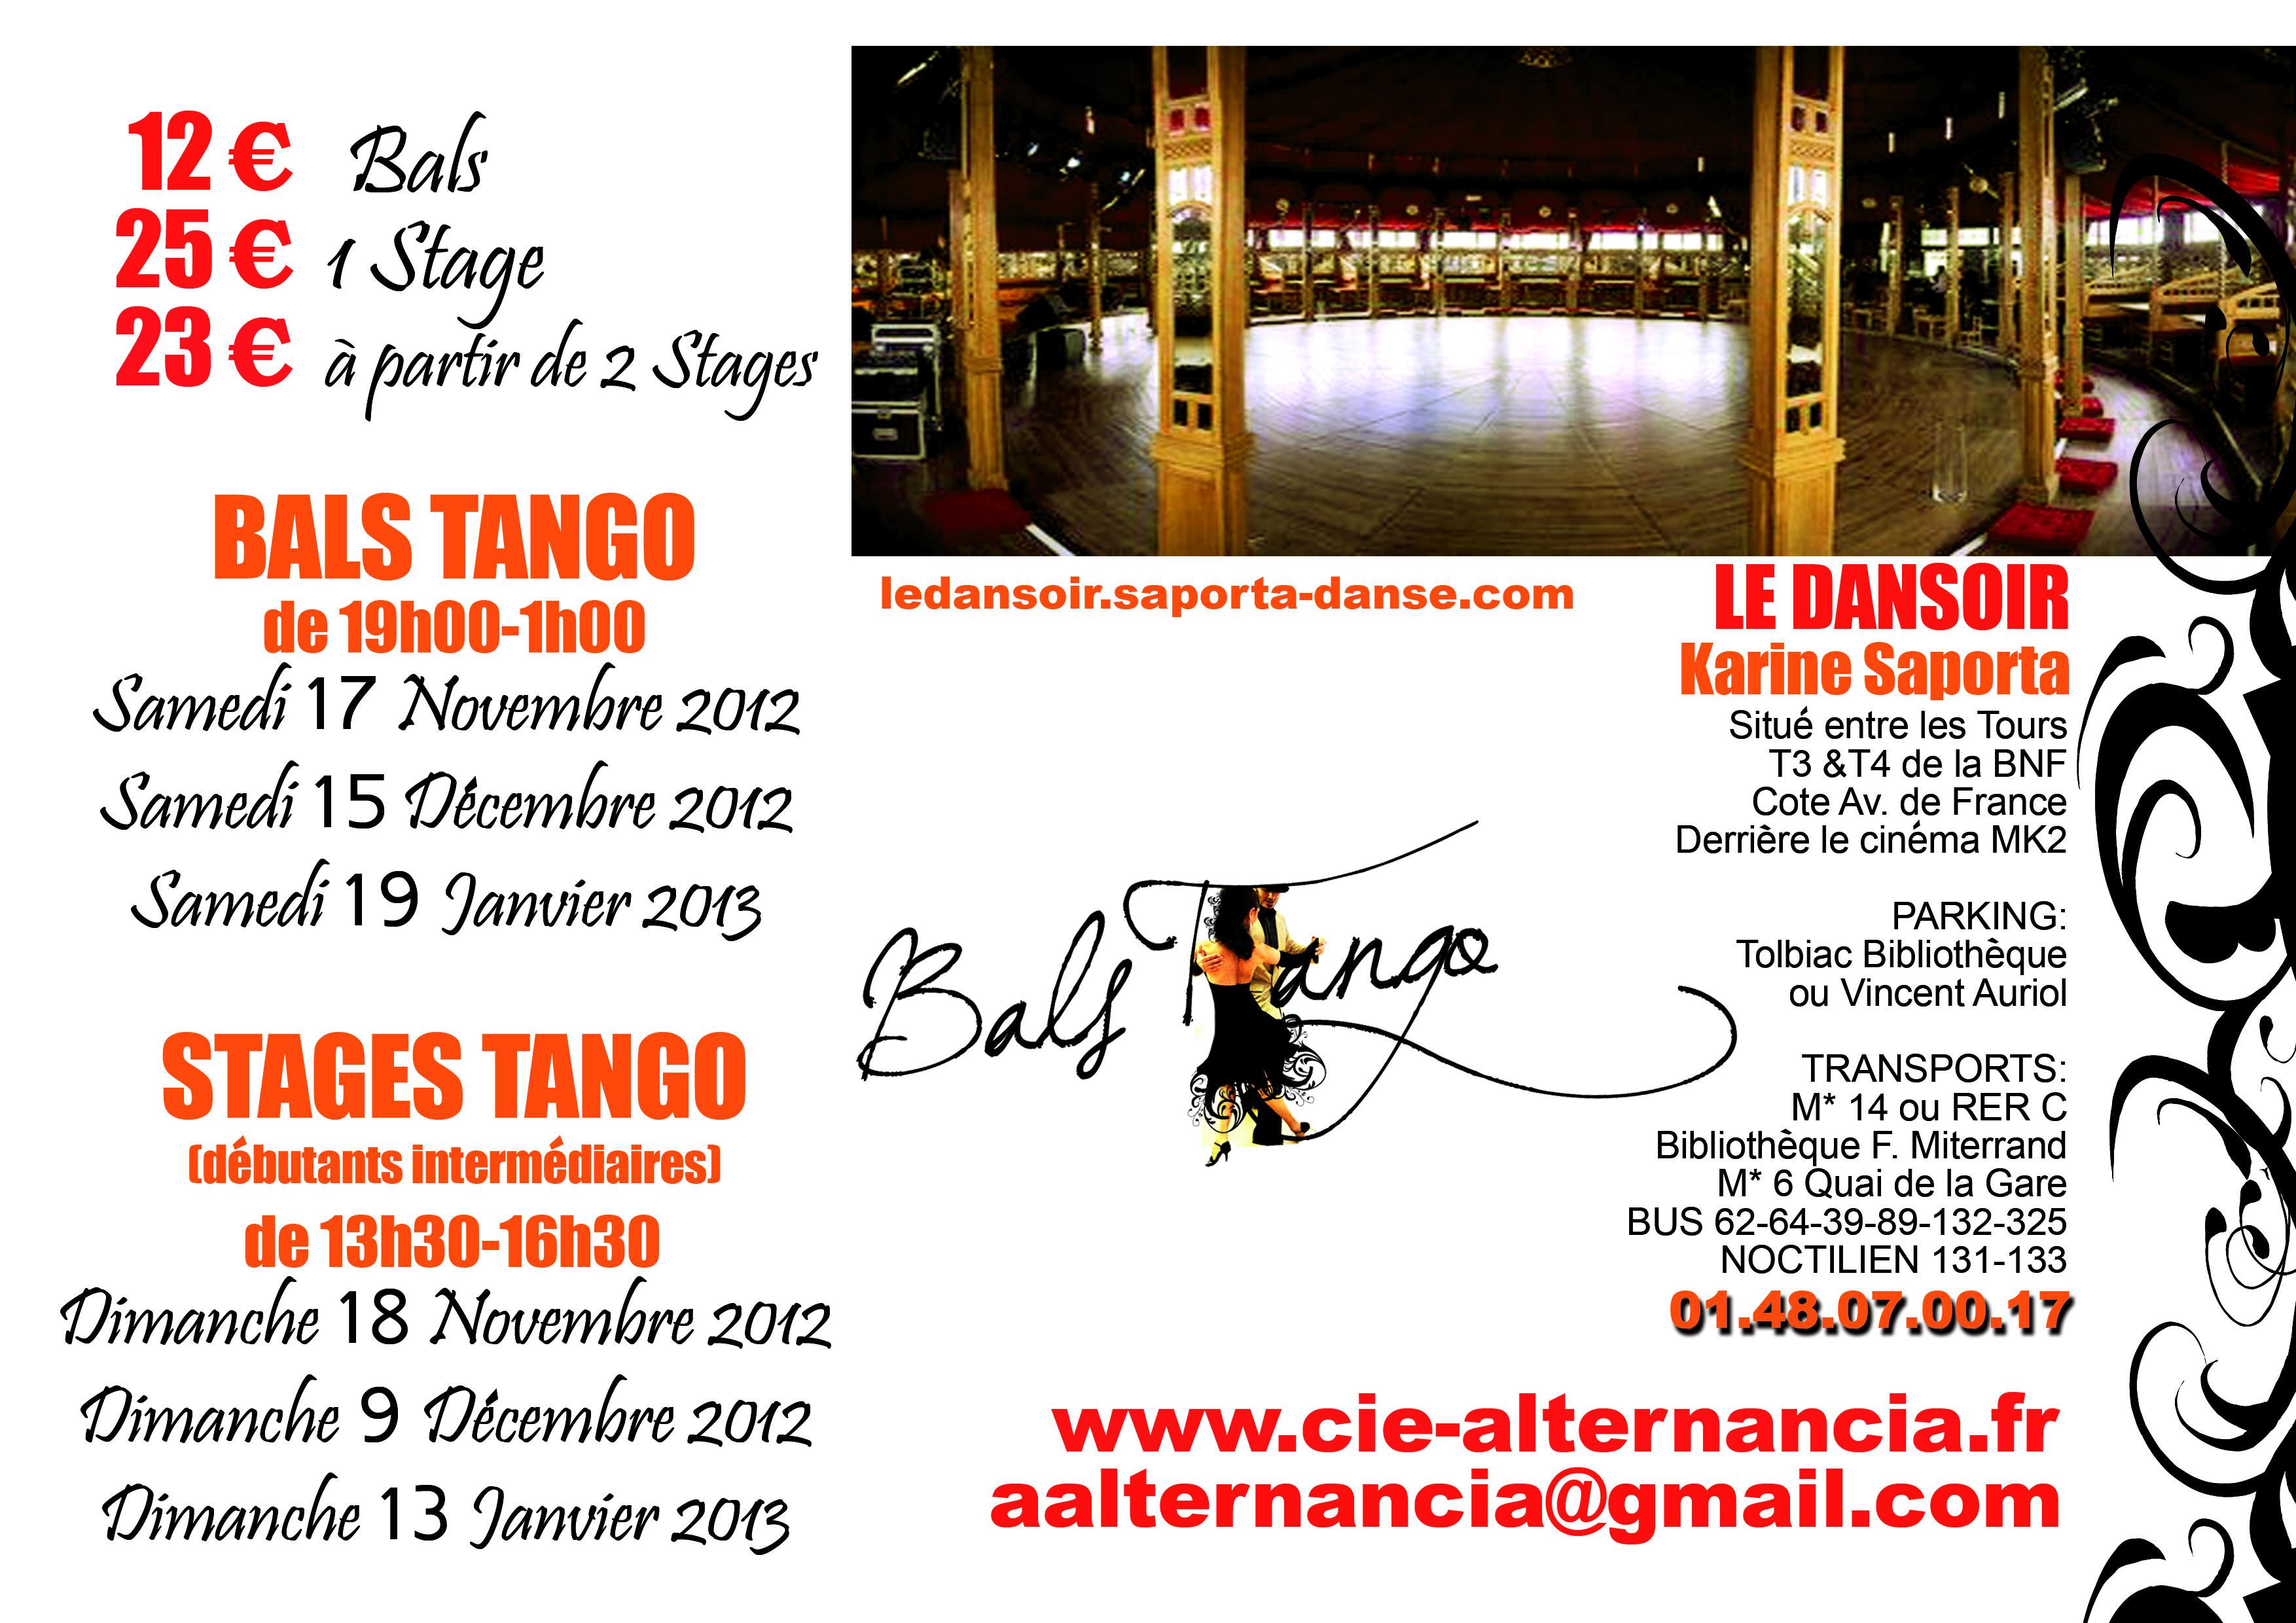 Bals Tango sur Paris